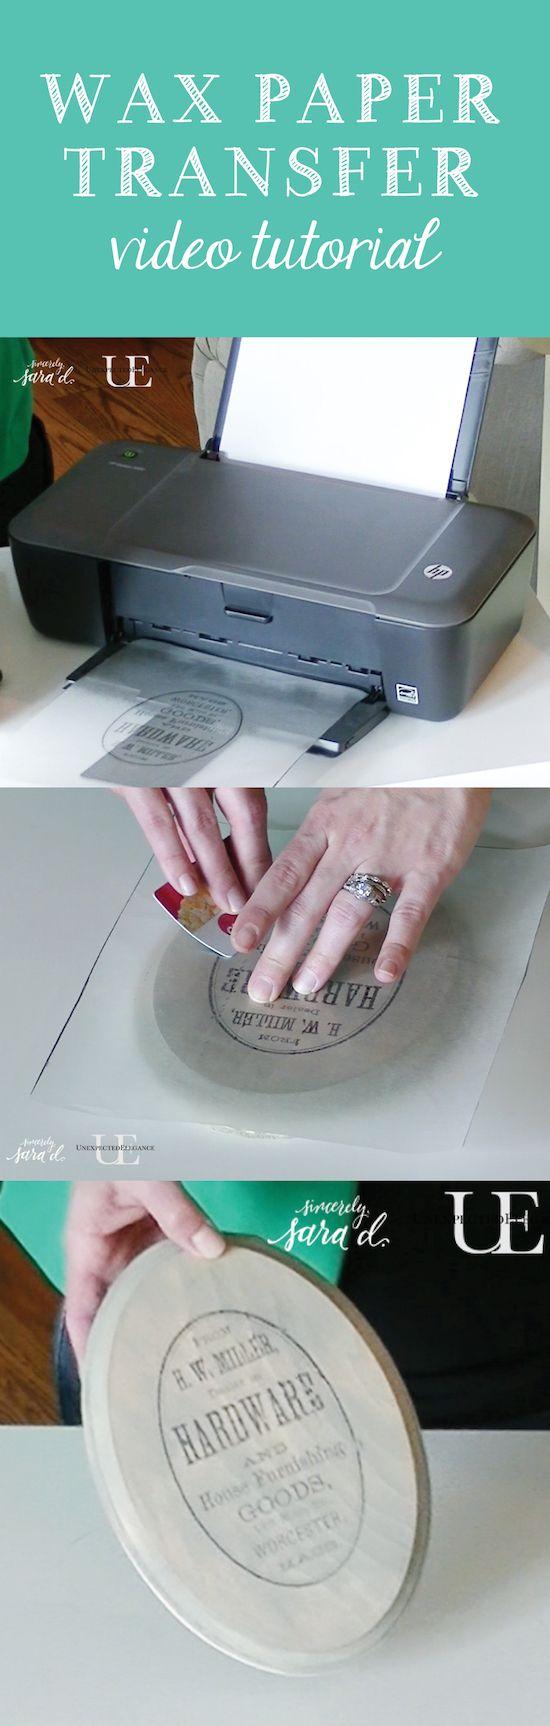 Transferência de imagem de papel de cera.